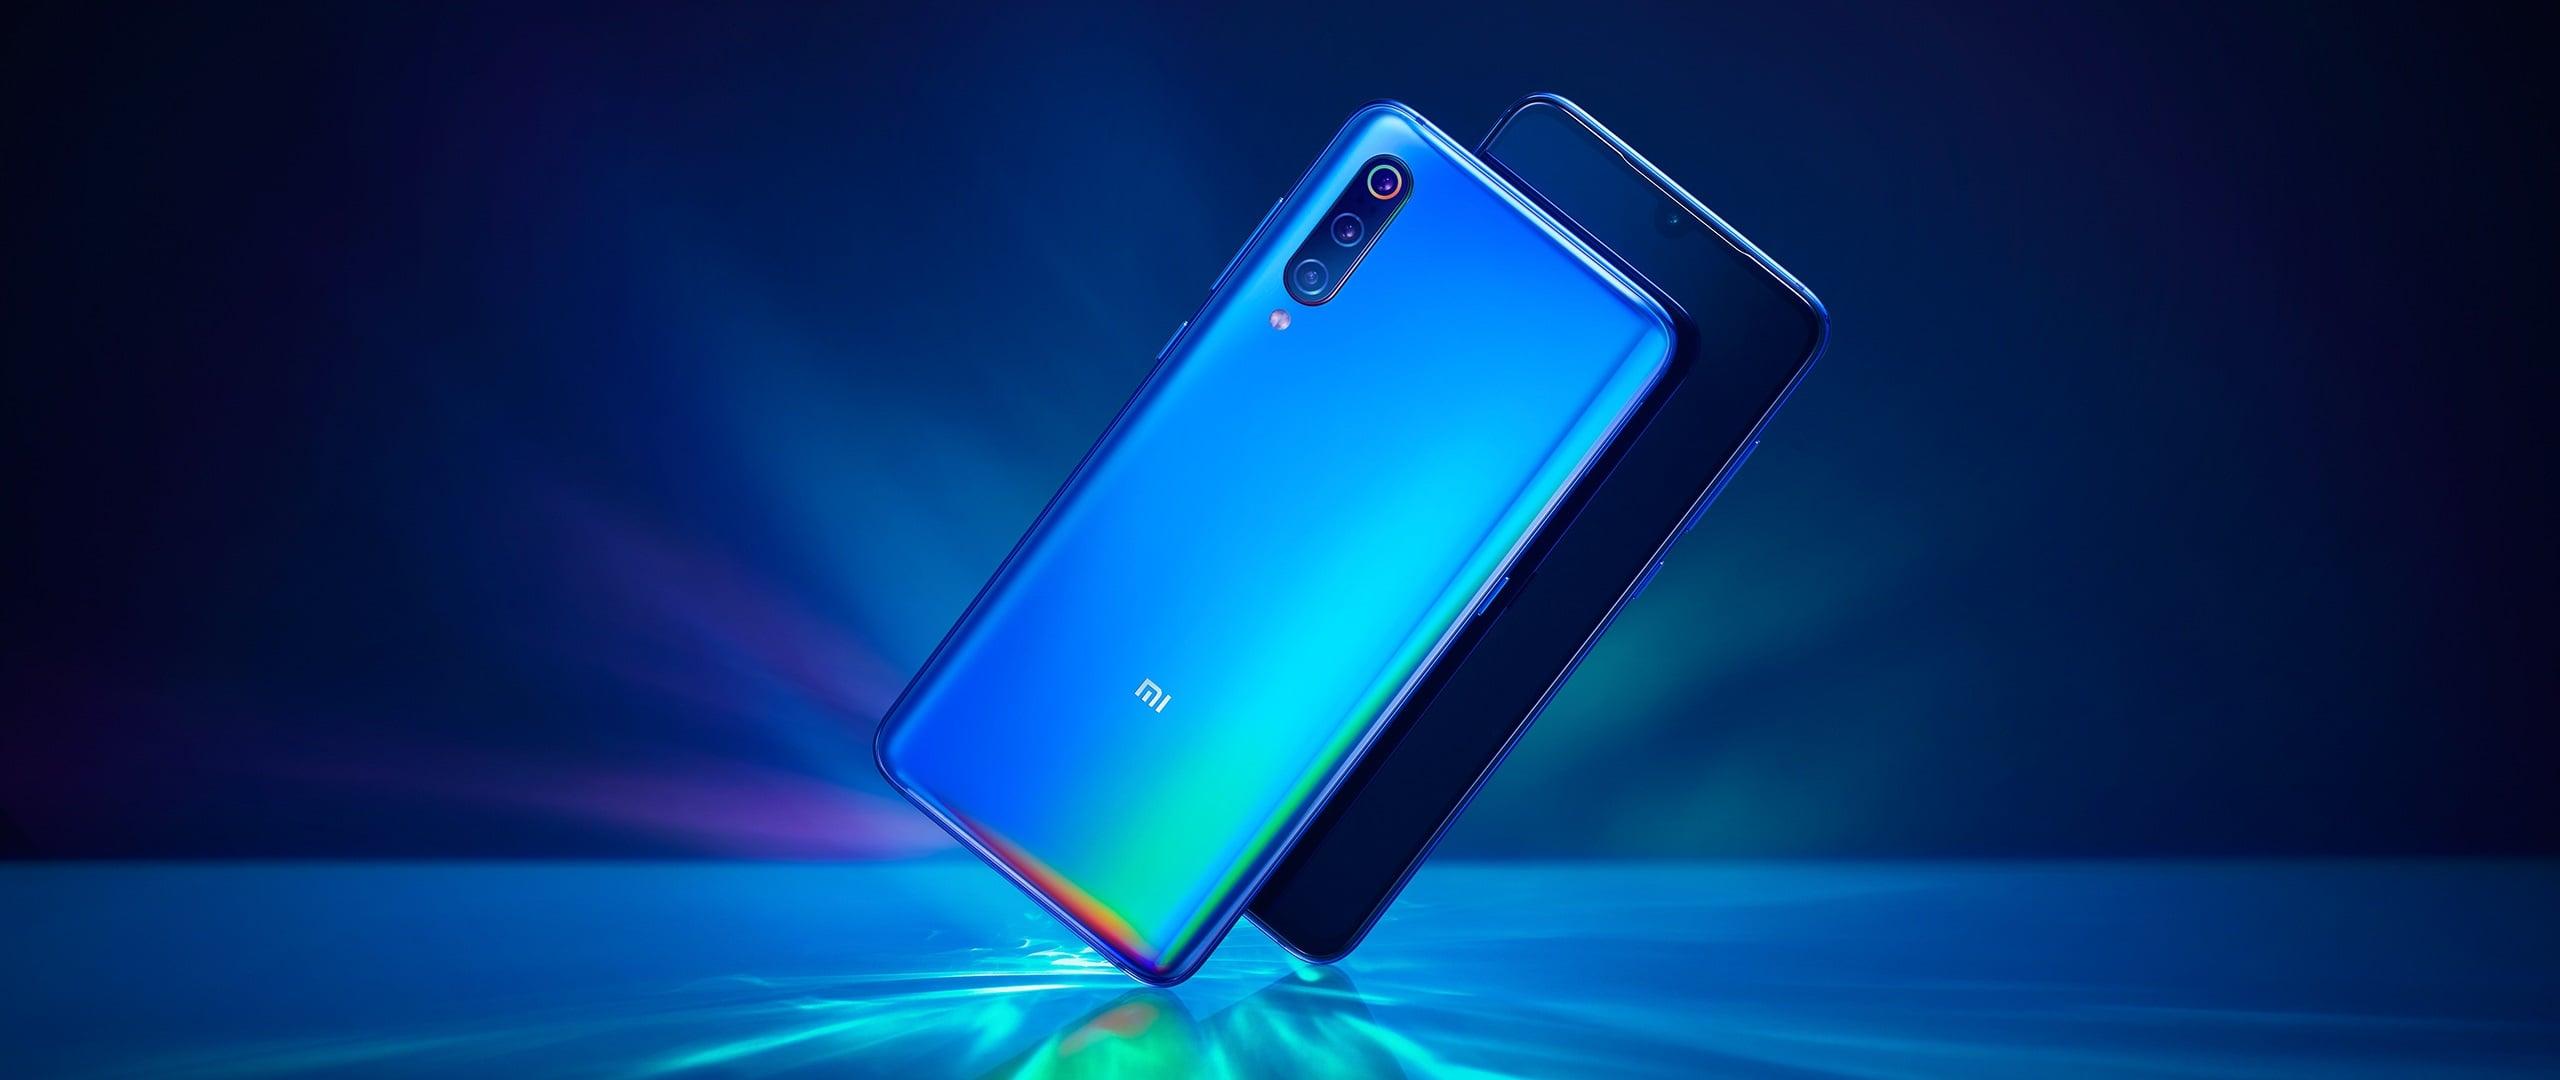 Tabletowo.pl WOW! Europejskie ceny Xiaomi Mi 9 są tak atrakcyjne, że aż trudno w nie uwierzyć Android MWC 2019 Smartfony Xiaomi